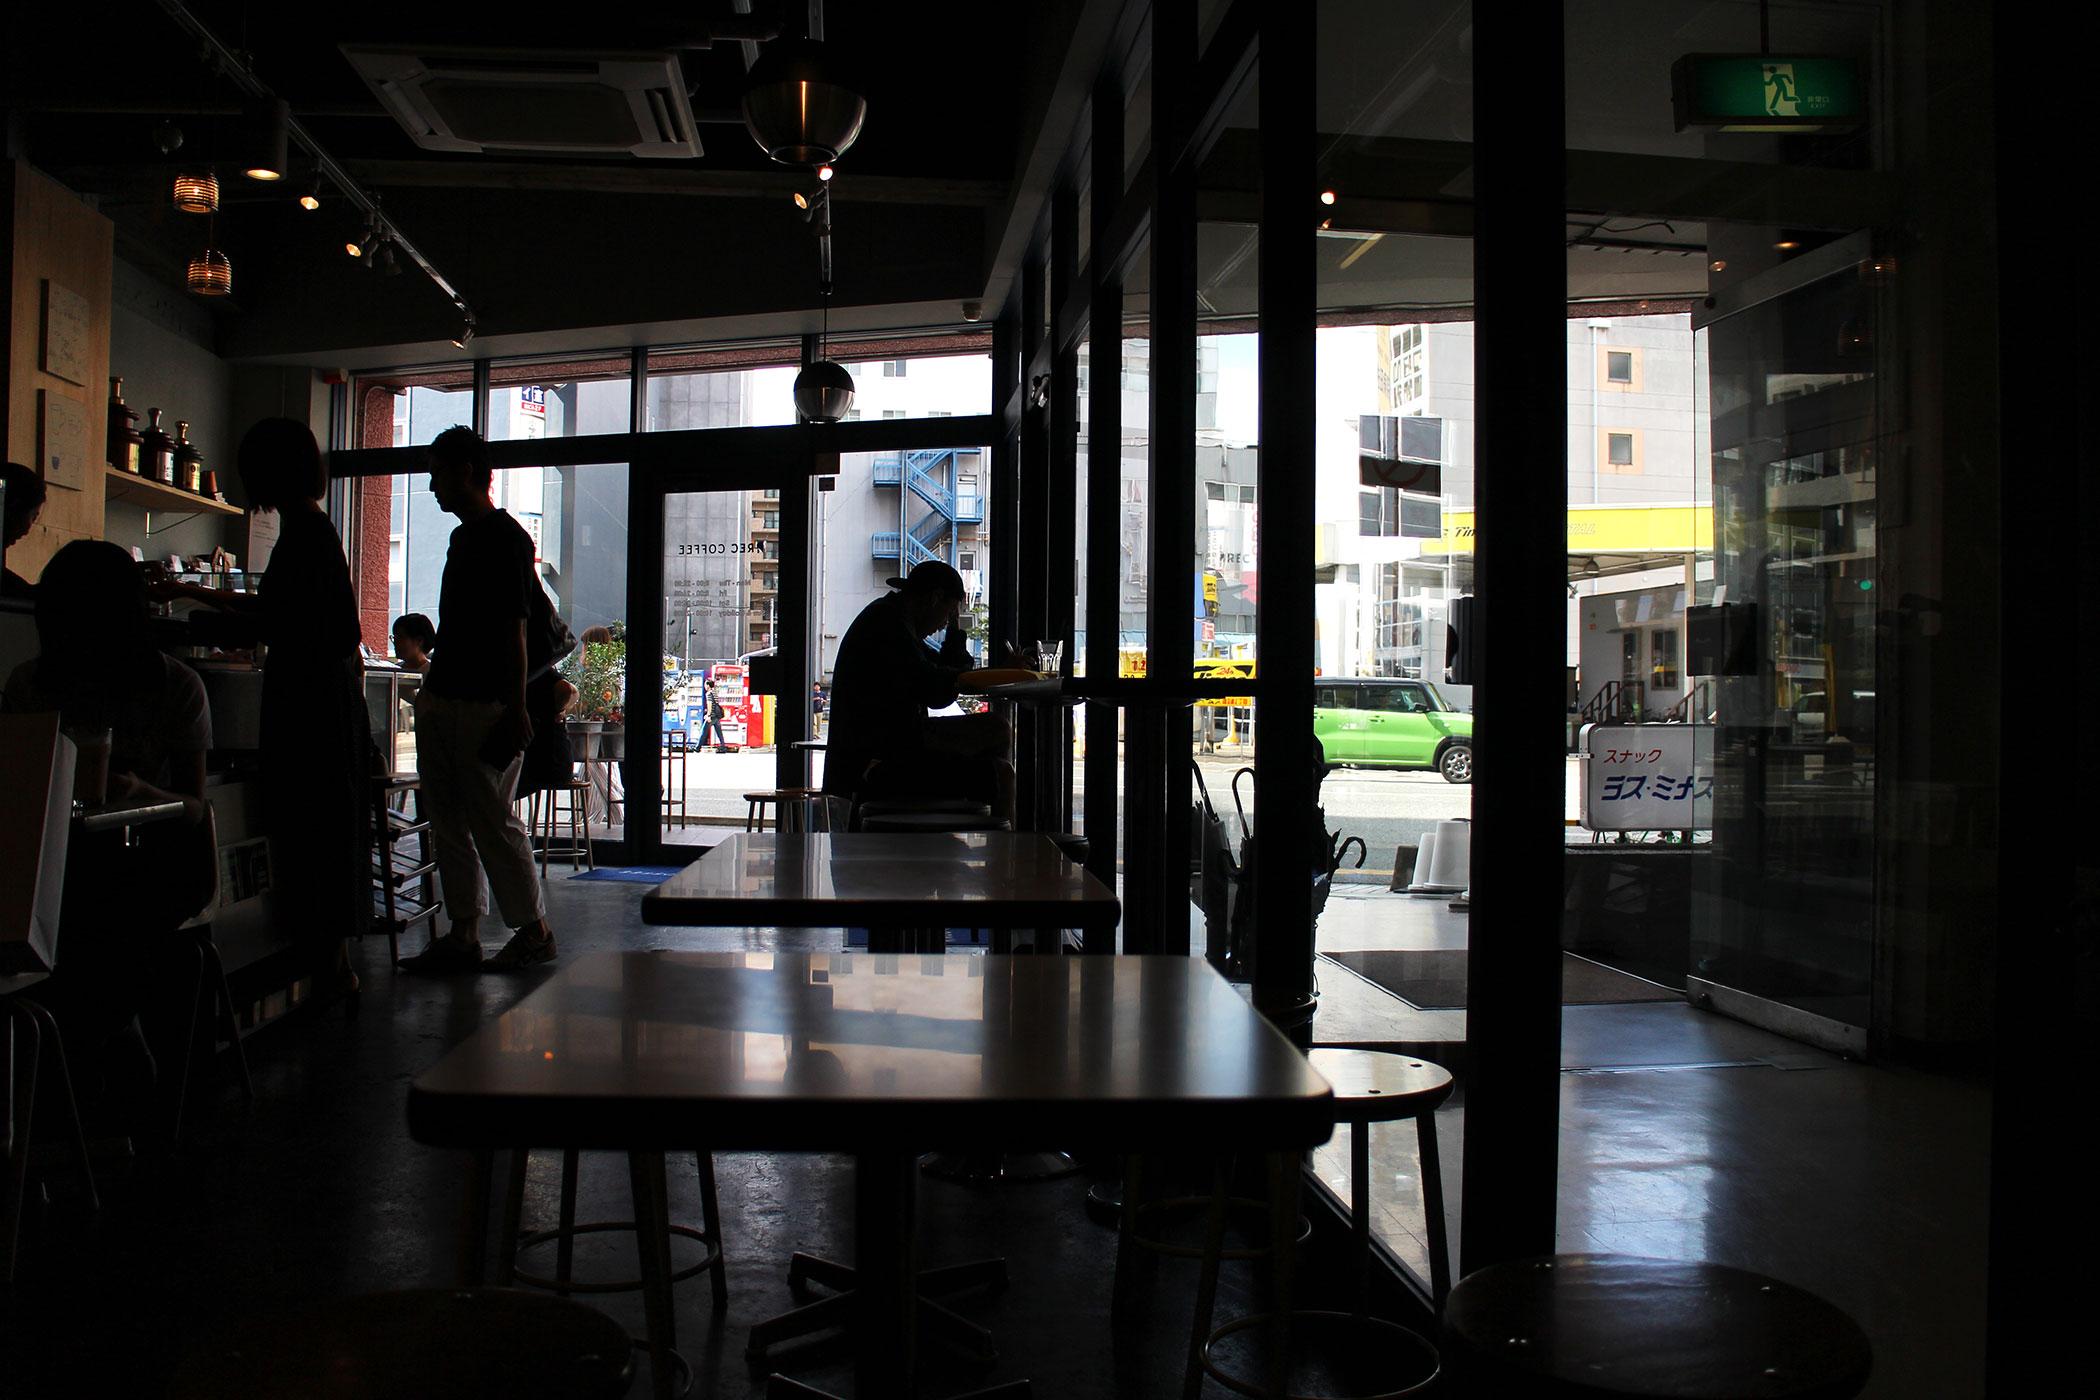 2017年9月に追加したショップ REC COFFEE 薬院駅前店